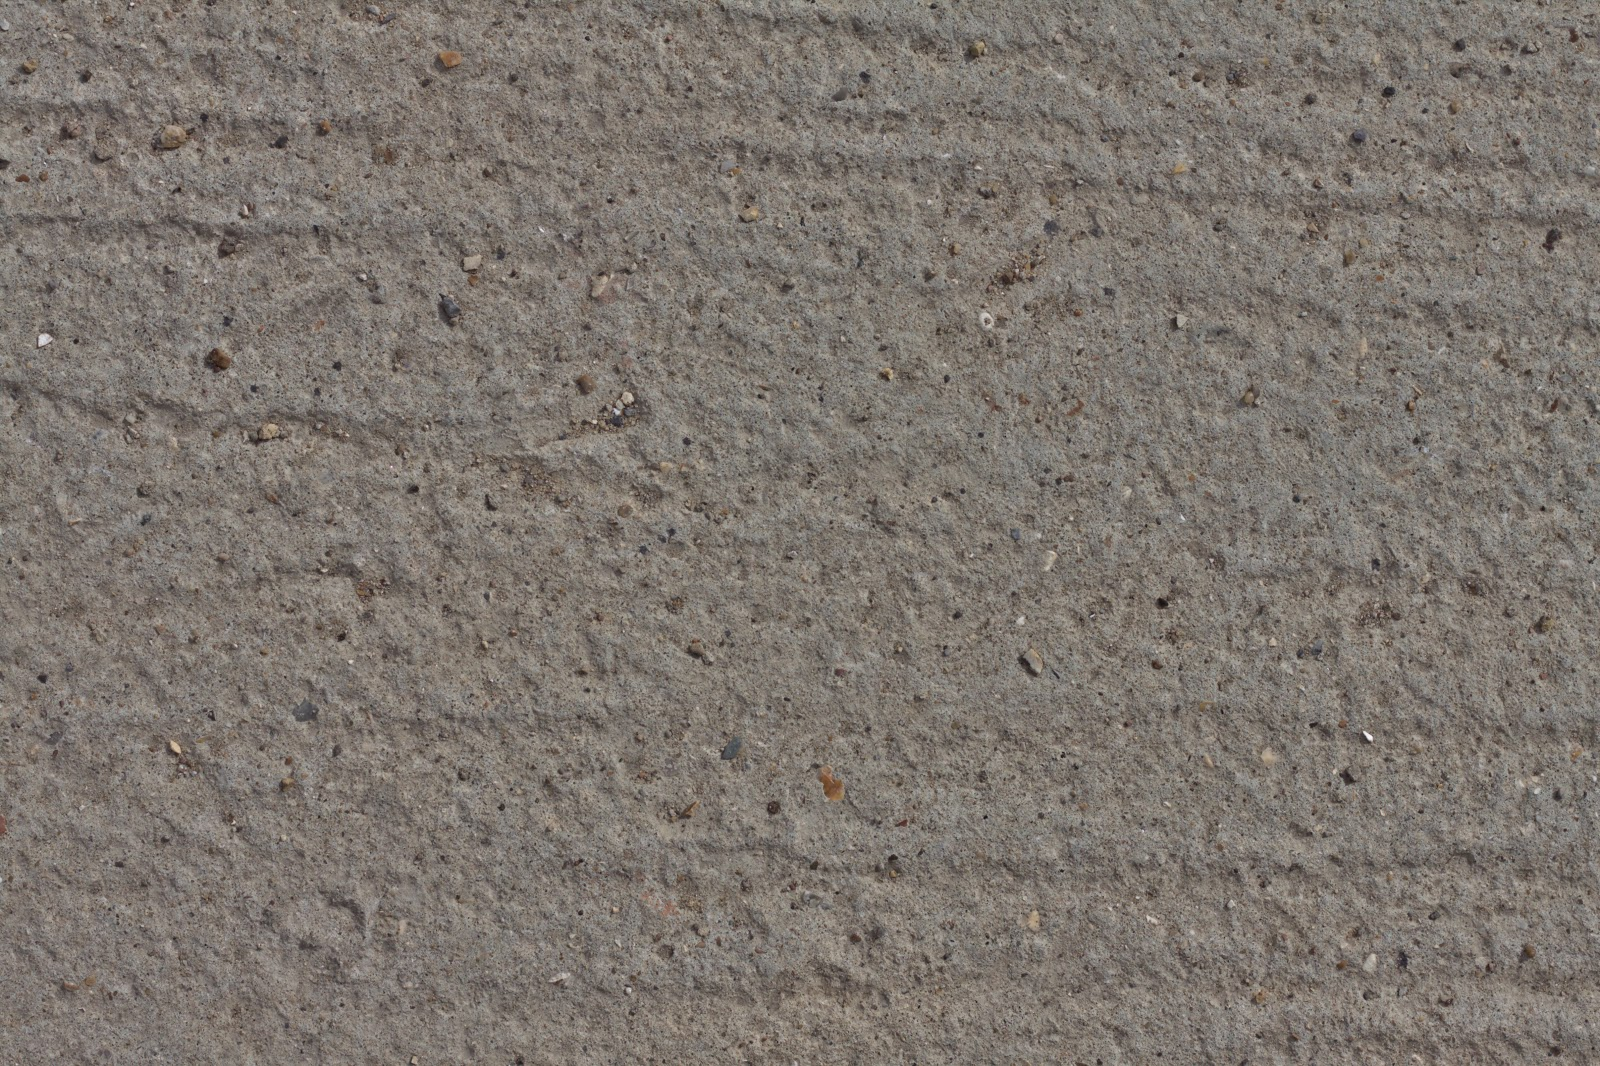 Concrete ground floor walkway pathway texture ver 3